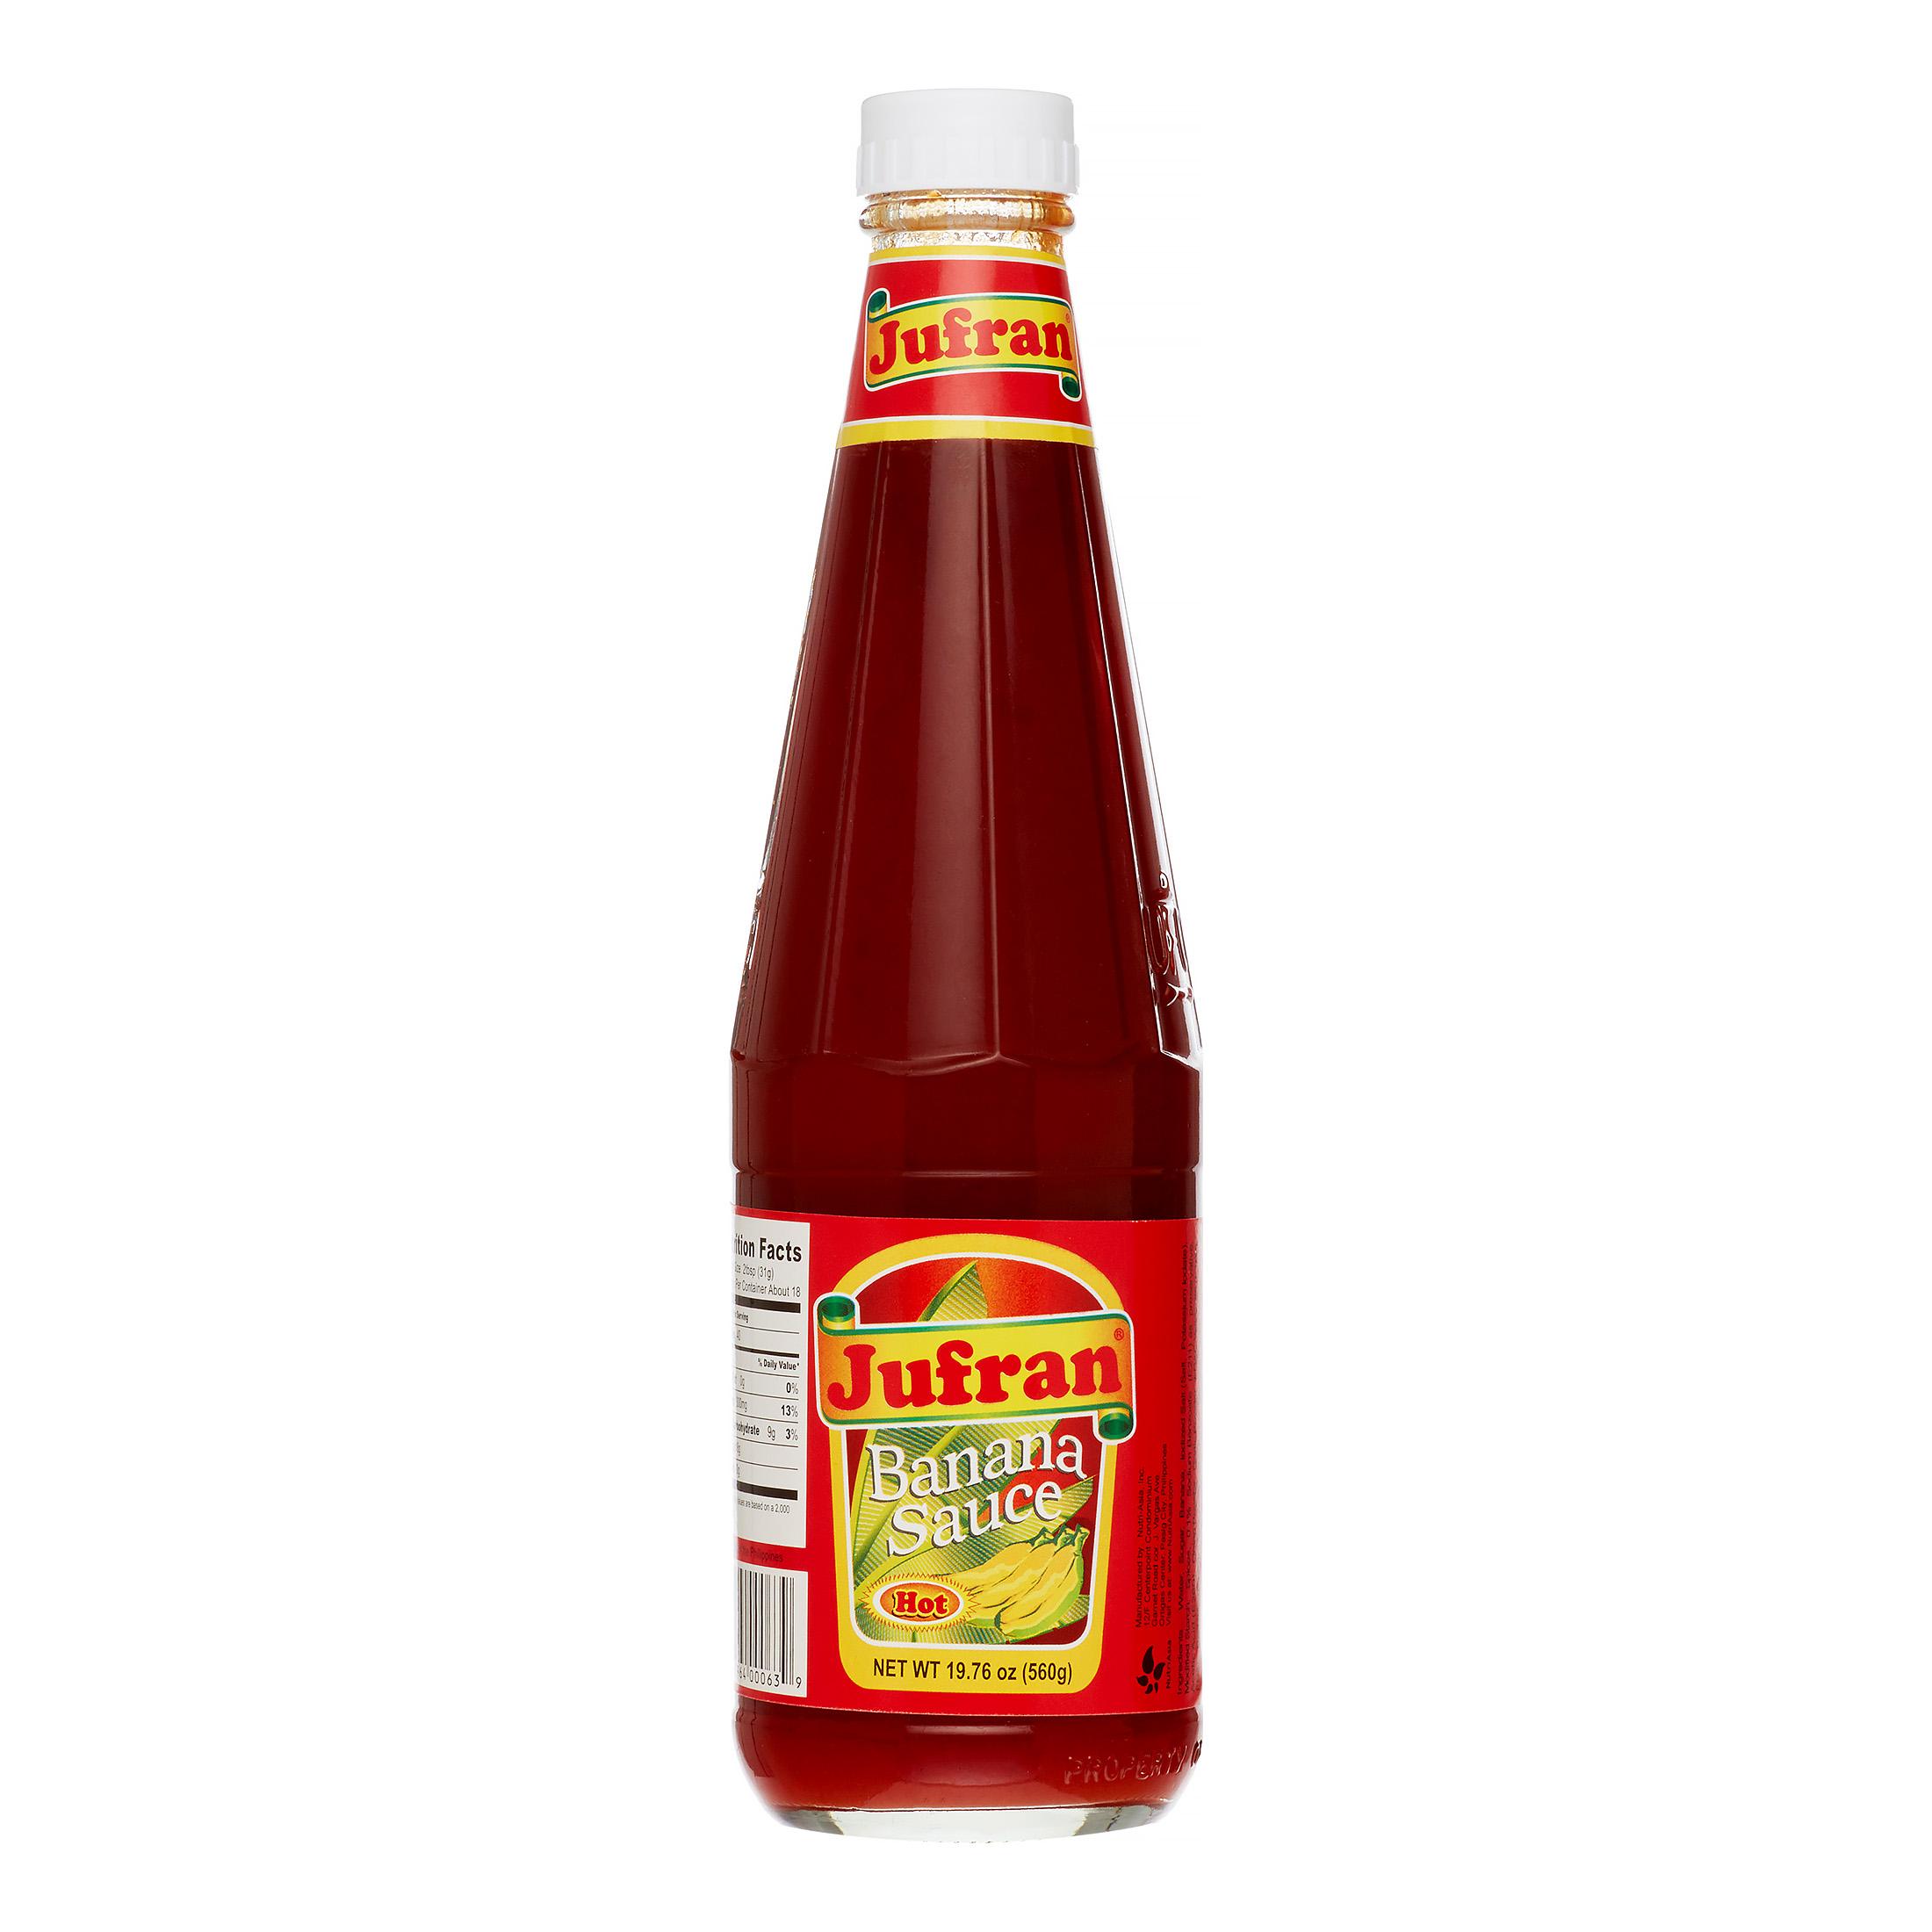 Jufran Hot Red Box, Banana Sauce, 20 Oz